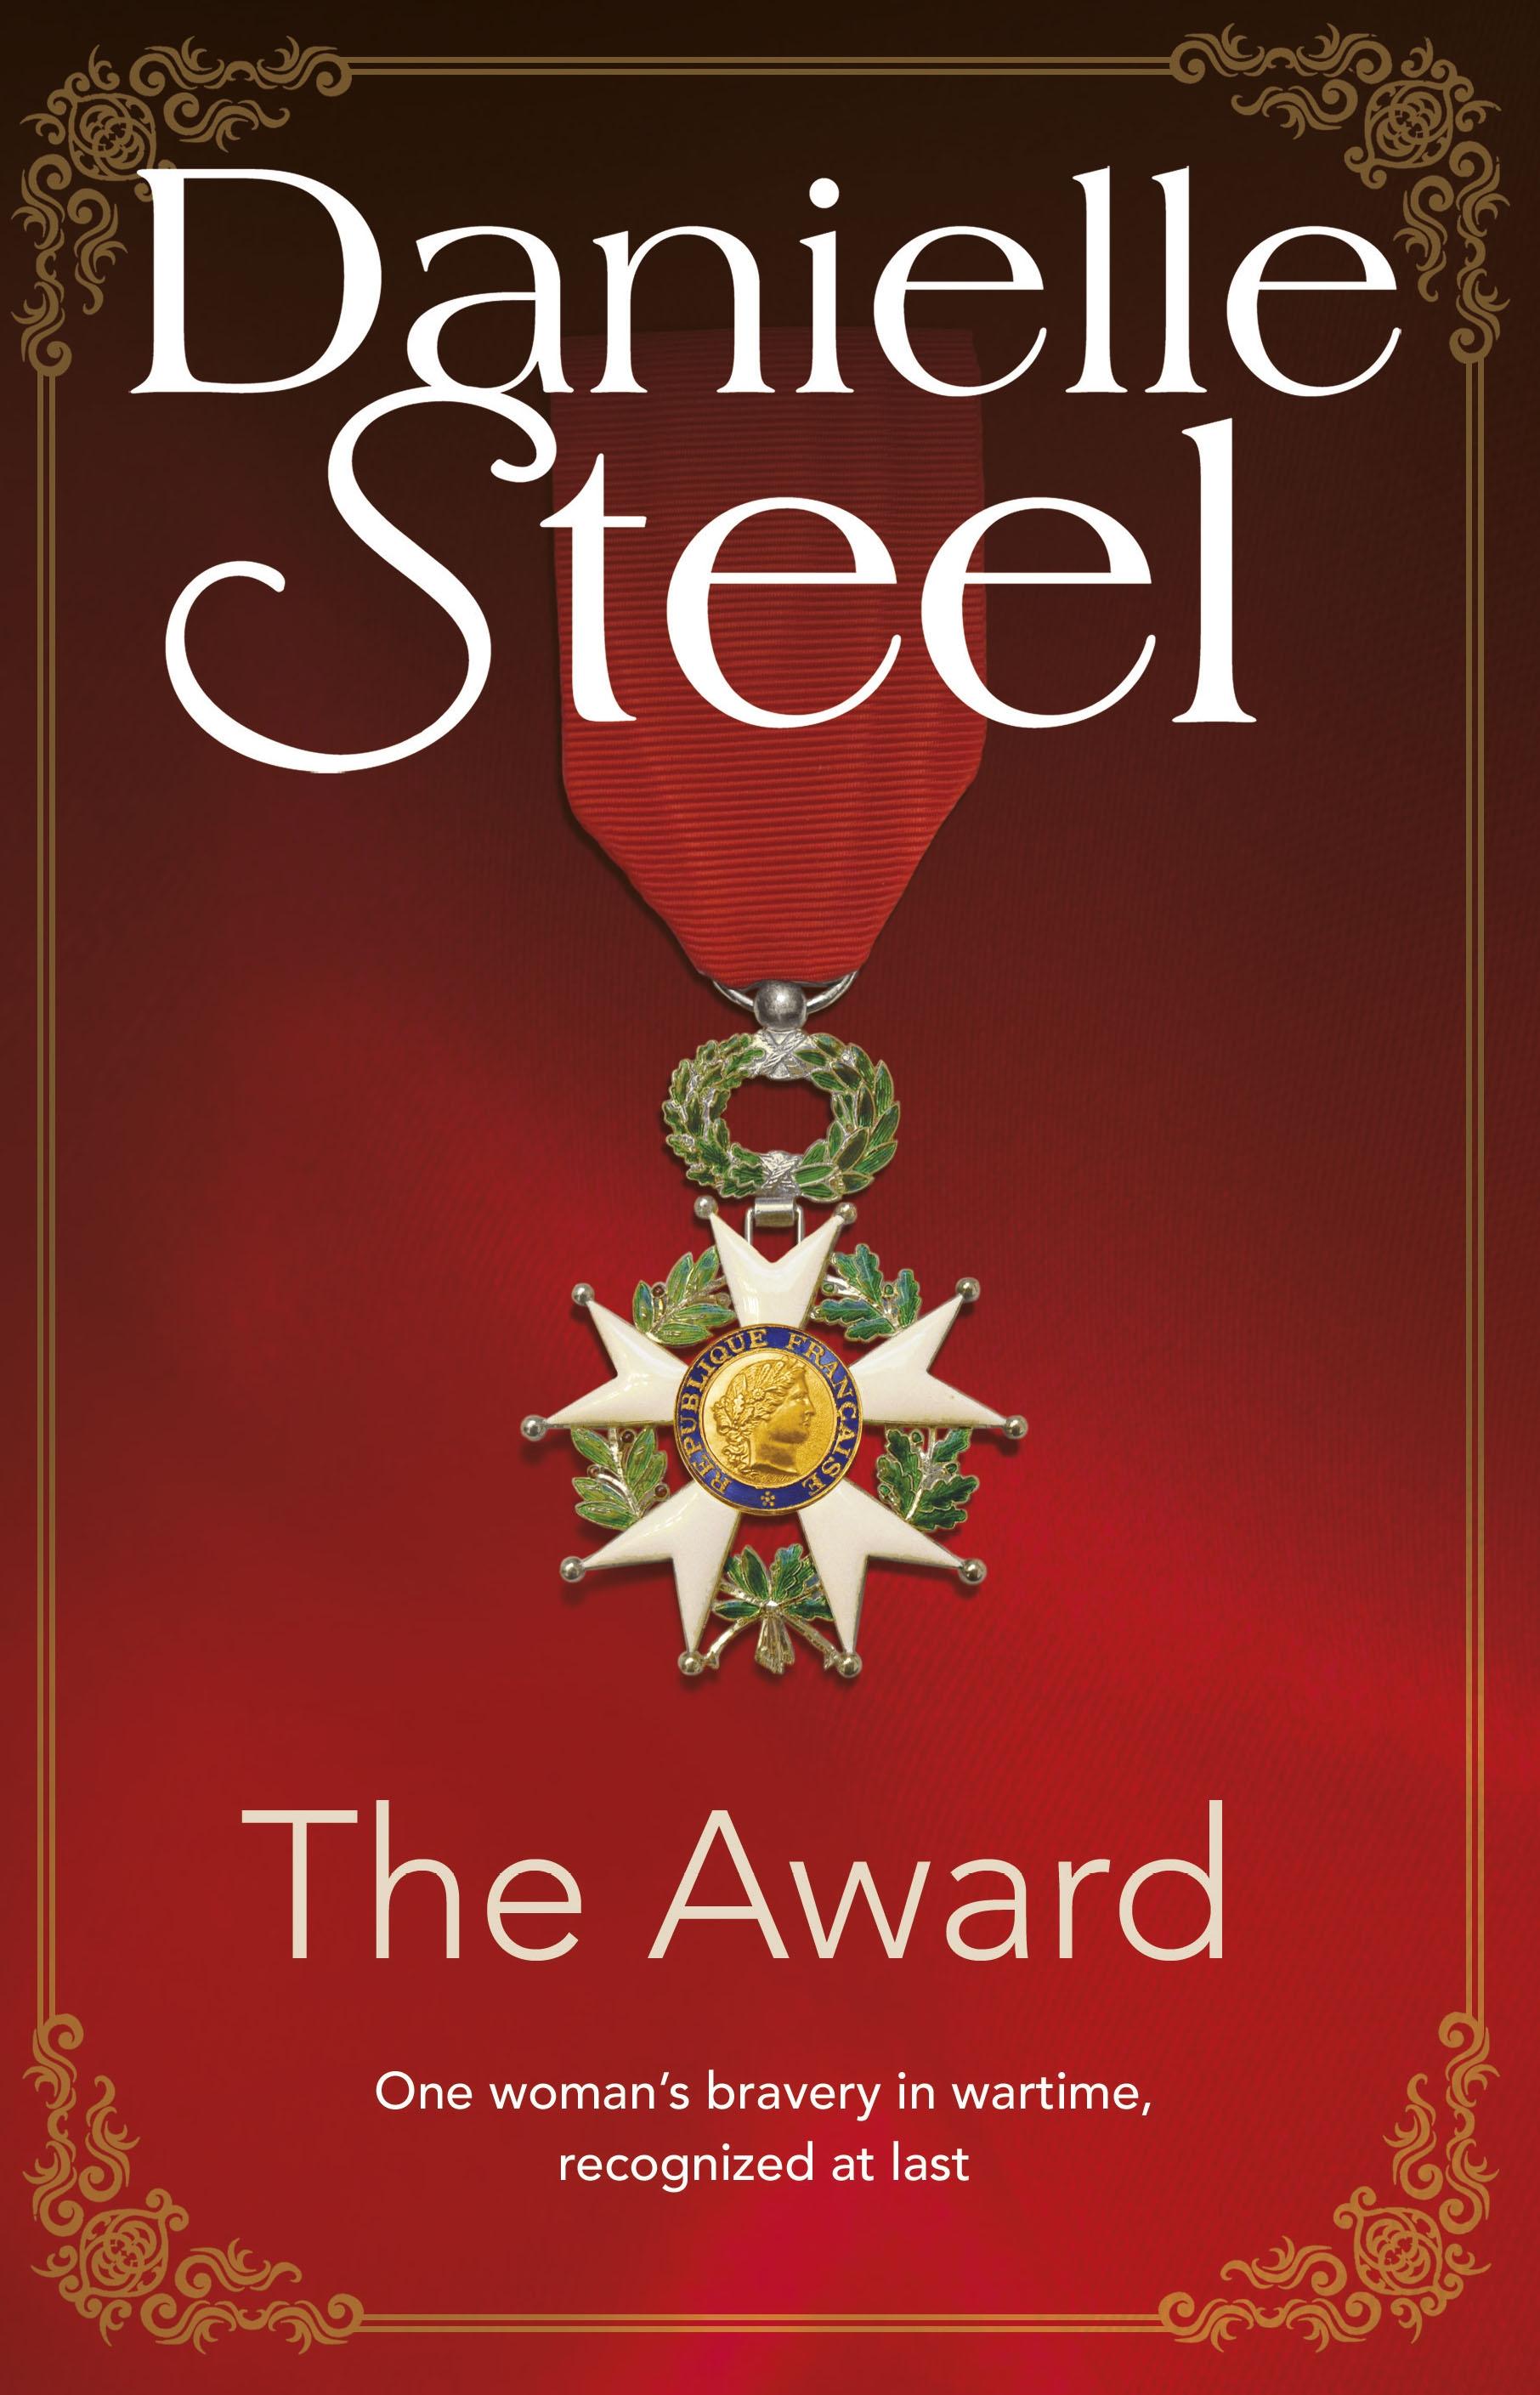 Penguin Book Cover Awards : The award penguin books australia